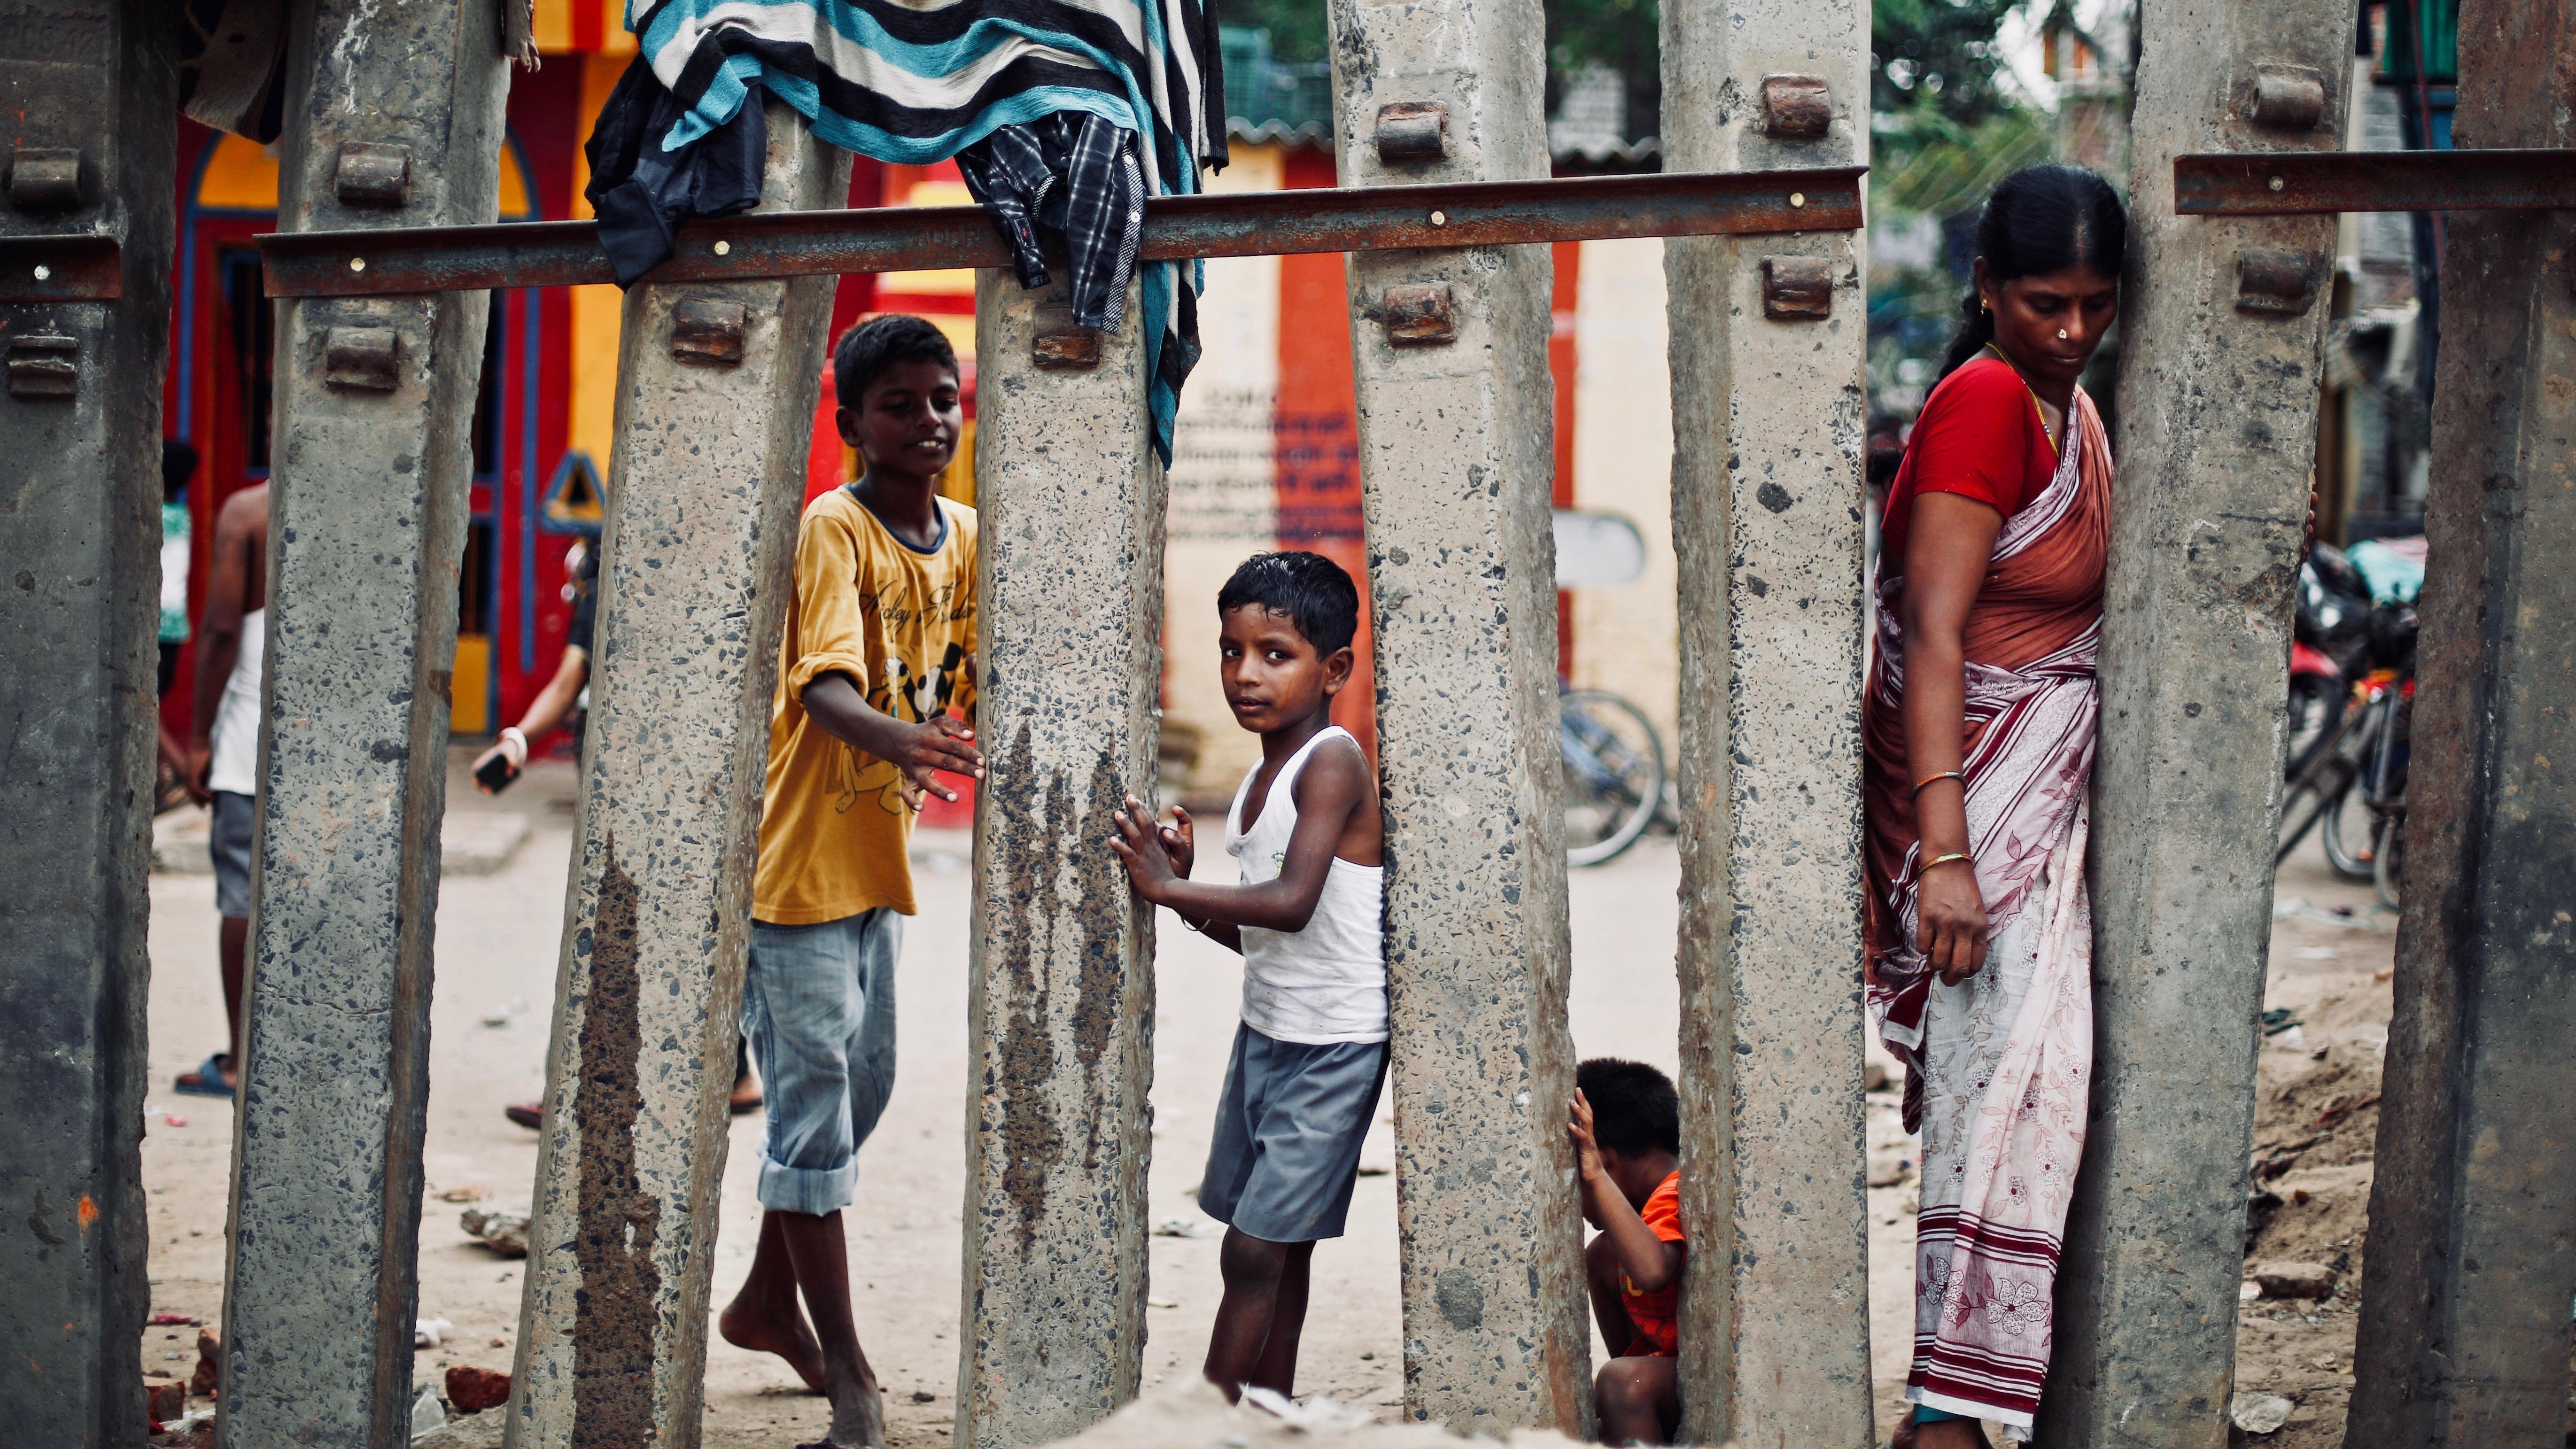 Slums beat Taj Mahal as India's most popular tourist draw